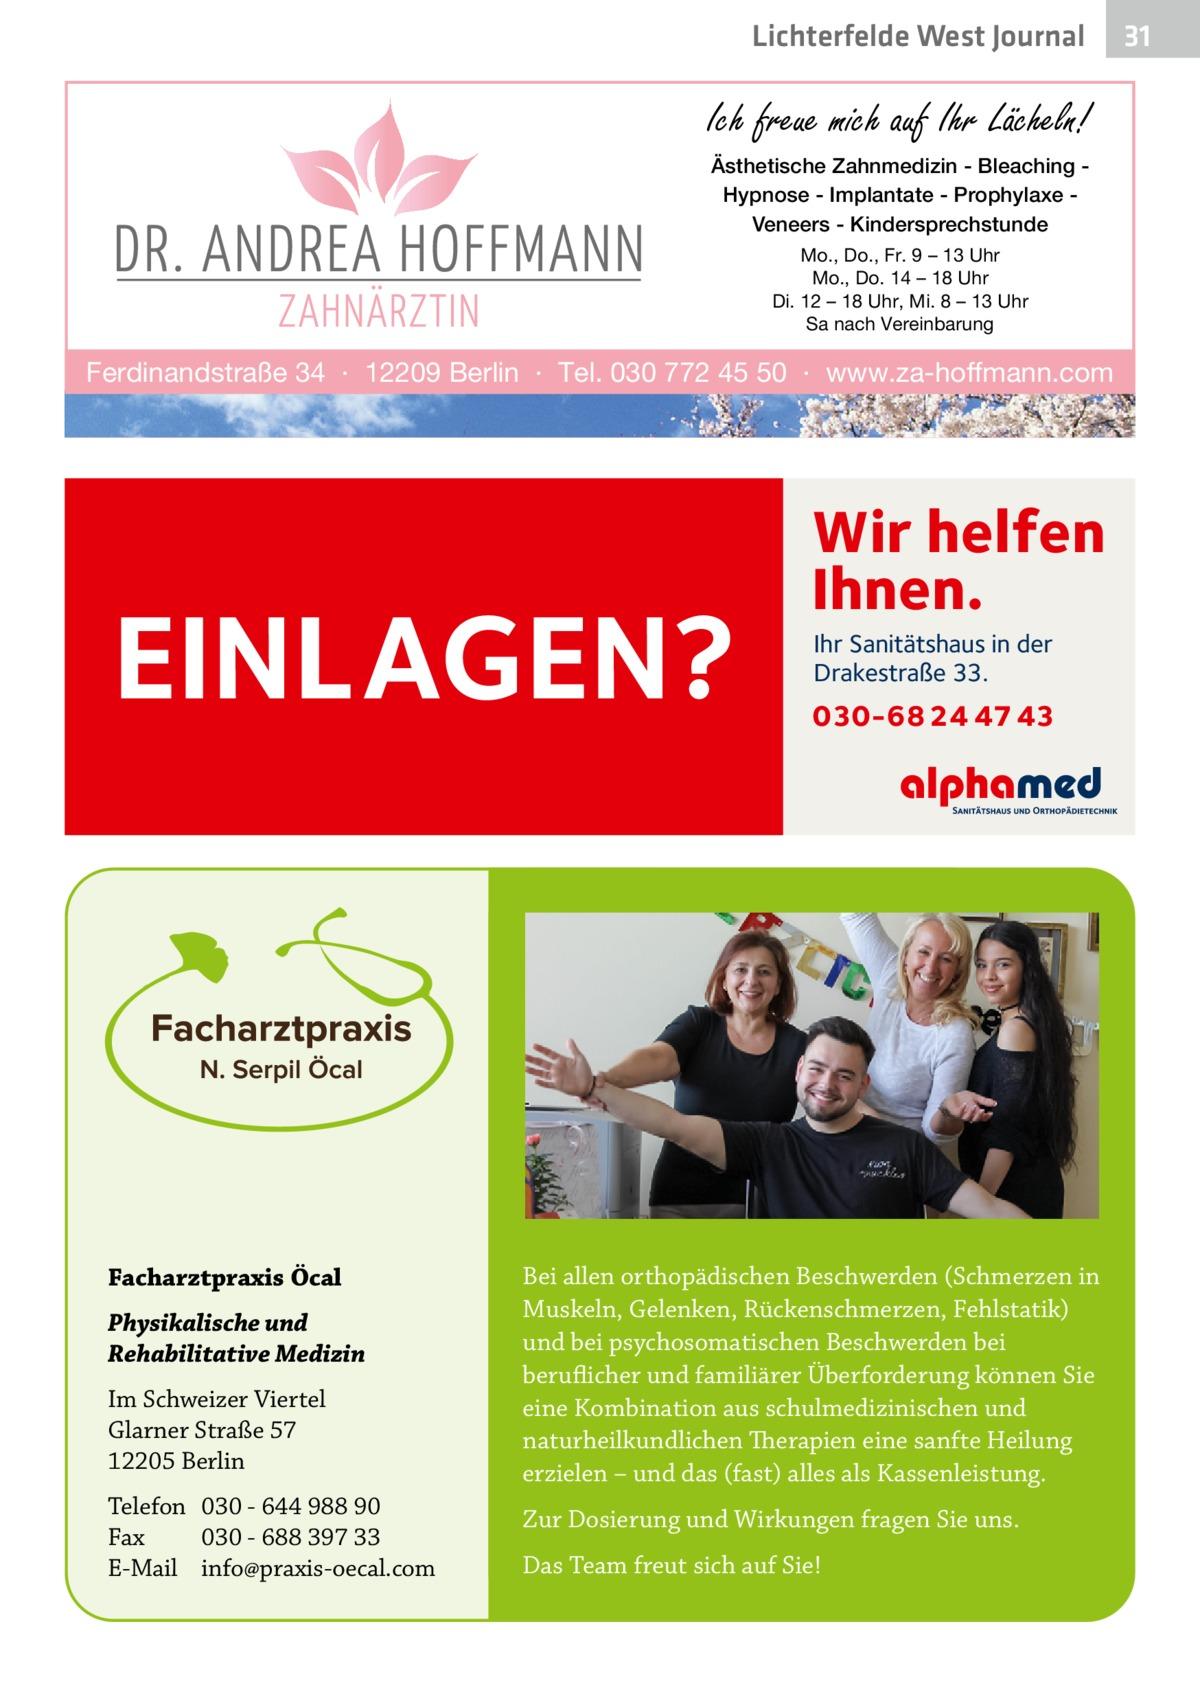 Lichterfelde West Journal  Ich freue mich auf Ihr Lächeln! Ästhetische Zahnmedizin - Bleaching Hypnose - Implantate - Prophylaxe Veneers - Kindersprechstunde Mo., Do., Fr. 9 – 13 Uhr Mo., Do. 14 – 18 Uhr Di. 12 – 18 Uhr, Mi. 8 – 13 Uhr Sa nach Vereinbarung  Ferdinandstraße 34 · 12209 Berlin · Tel. 030 772 45 50 · www.za-hoffmann.com  EINLAGEN?  Facharztpraxis Öcal Physikalische und Rehabilitative Medizin Im Schweizer Viertel Glarner Straße 57 12205 Berlin Telefon 030 - 644 988 90 Fax 030 - 688 397 33 E-Mail info@praxis-oecal.com  Wir helfen Ihnen. Ihr Sanitätshaus in der Drakestraße 33.  030-68 24 47 43  Bei allen orthopädischen Beschwerden (Schmerzen in Muskeln, Gelenken, Rückenschmerzen, Fehlstatik) und bei psychosomatischen Beschwerden bei beruflicher und familiärer Überforderung können Sie eine Kombination aus schulmedizinischen und naturheilkundlichen Therapien eine sanfte Heilung erzielen – und das (fast) alles als Kassenleistung. Zur Dosierung und Wirkungen fragen Sie uns. Das Team freut sich auf Sie!  31 31